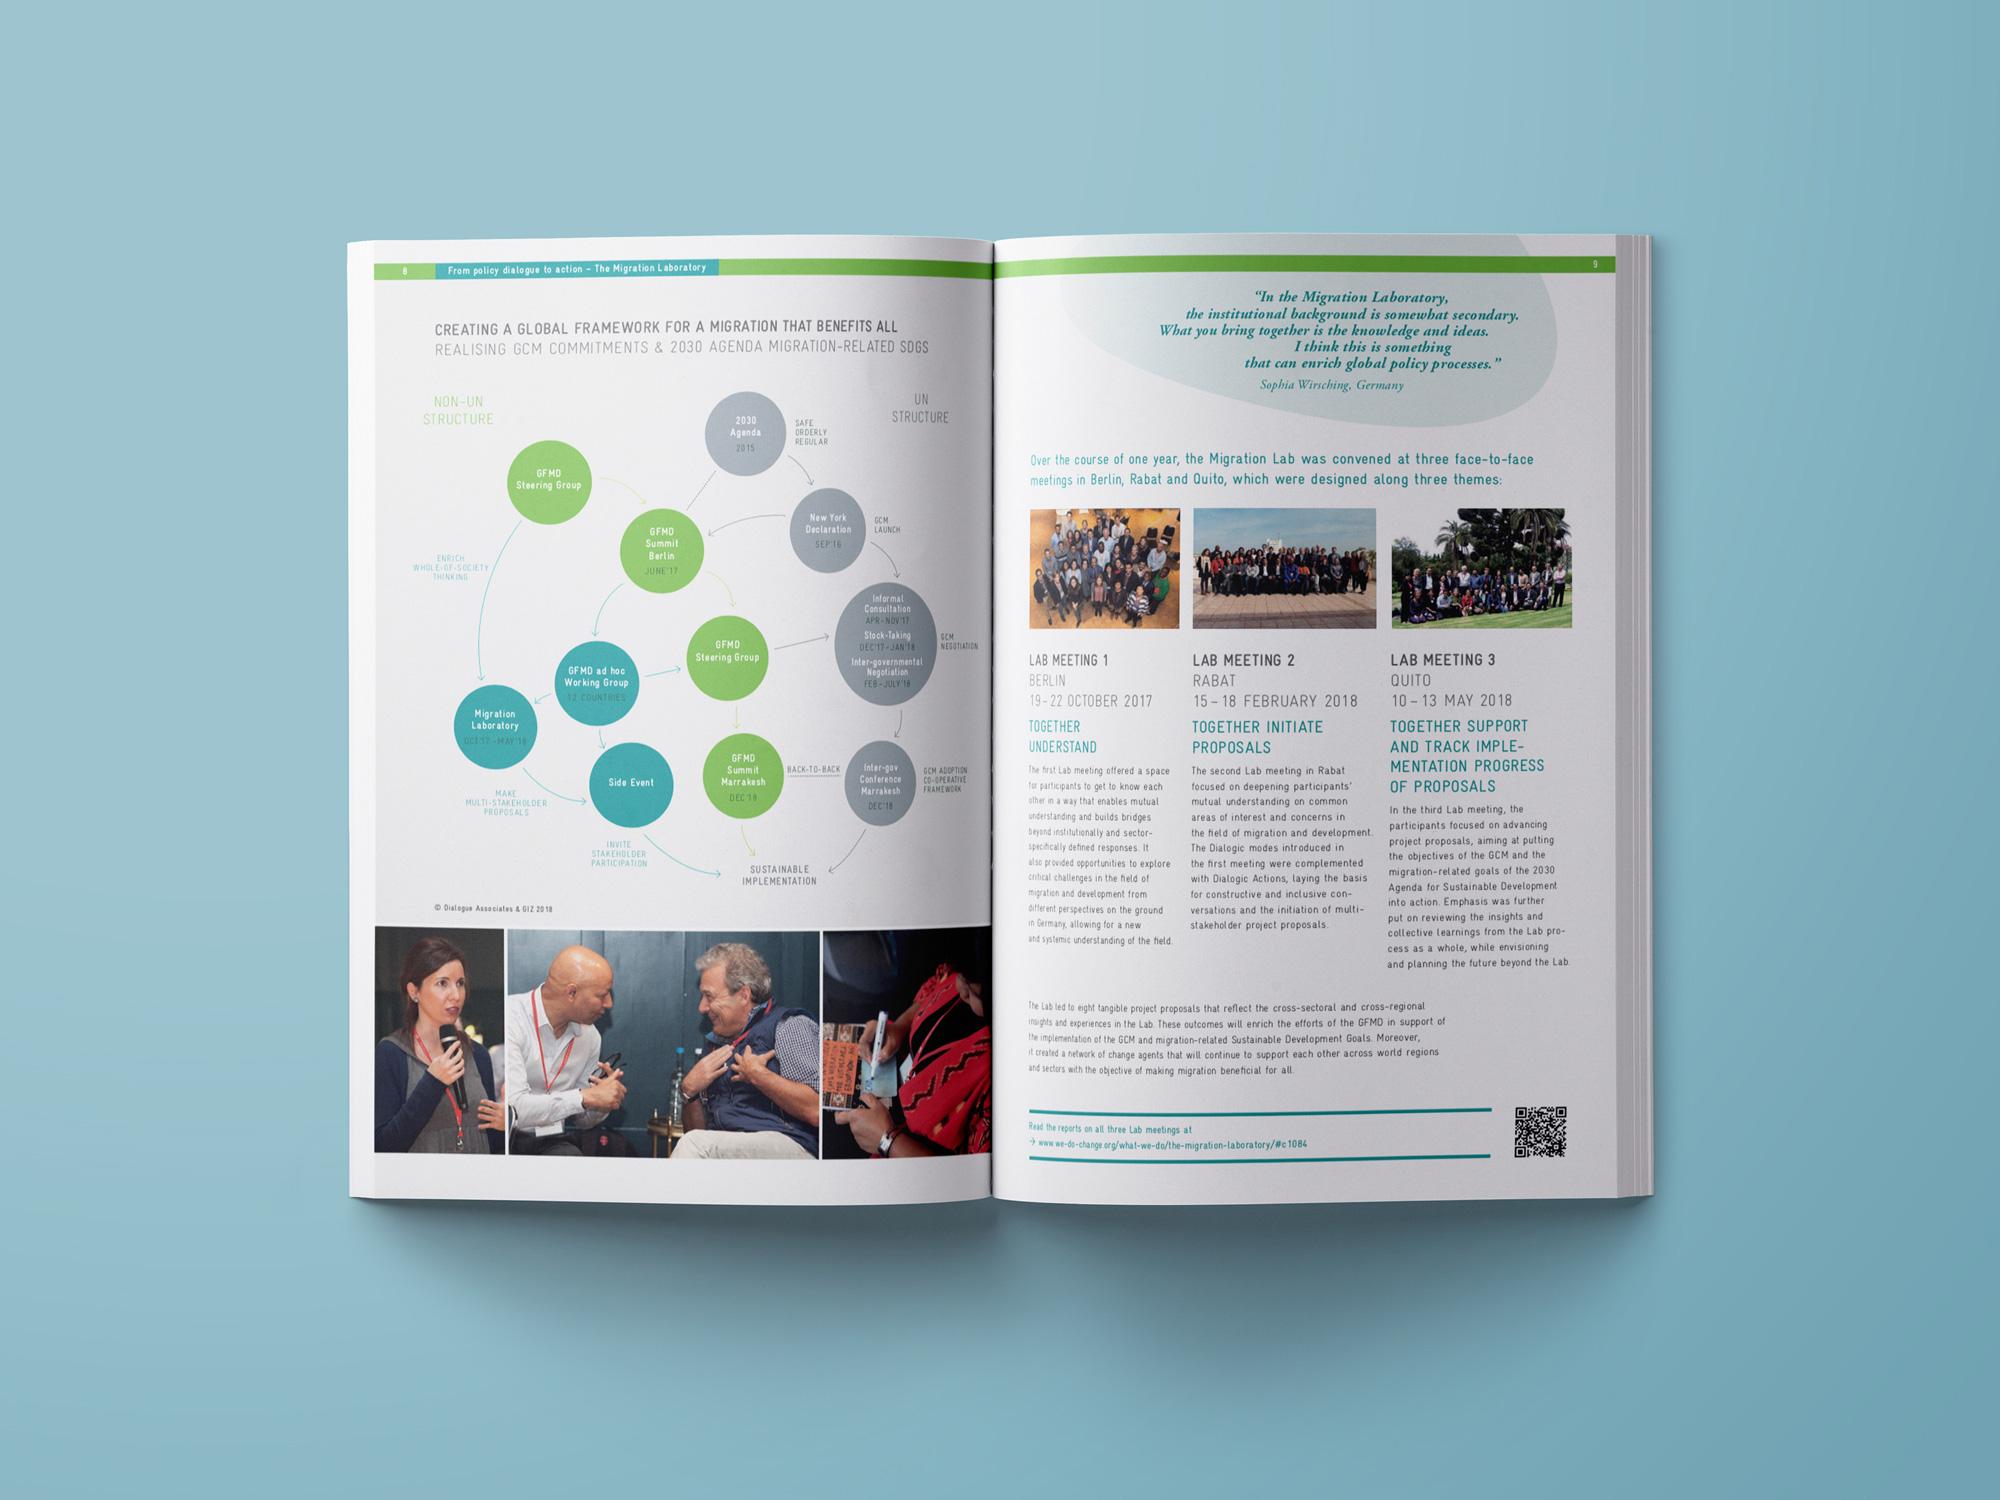 GLAC_Magazine_03b_2000x1500px